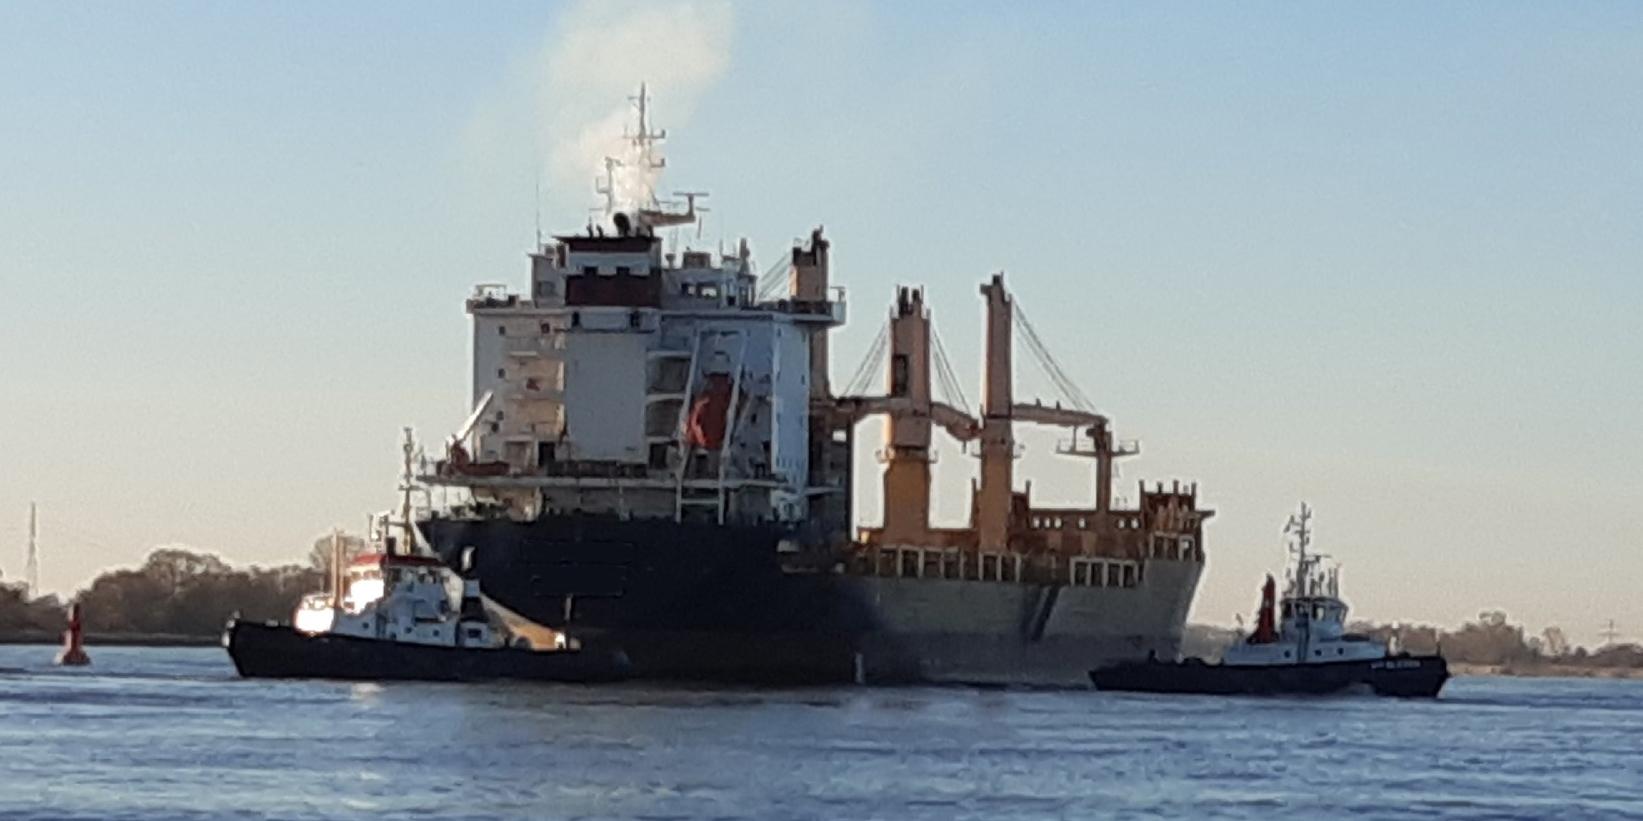 Het 180 meter lange zeeschip wordt door sleepboten in toom gehouden (Foto WSP)